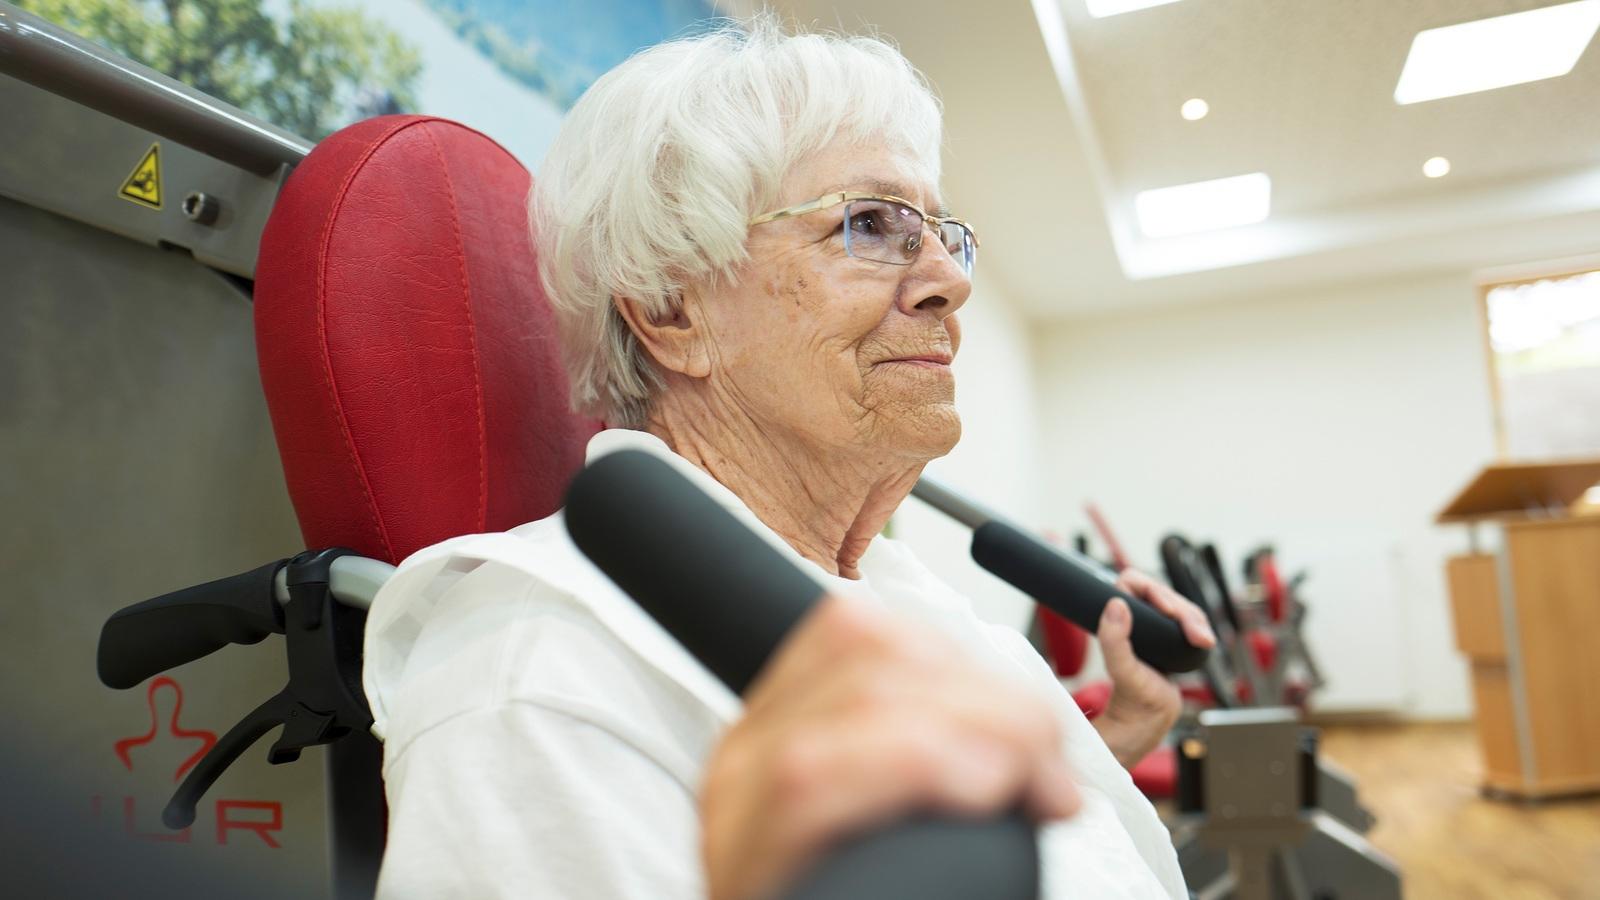 Auch ältere Menschen profitieren gesundheitlich von Krafttraining